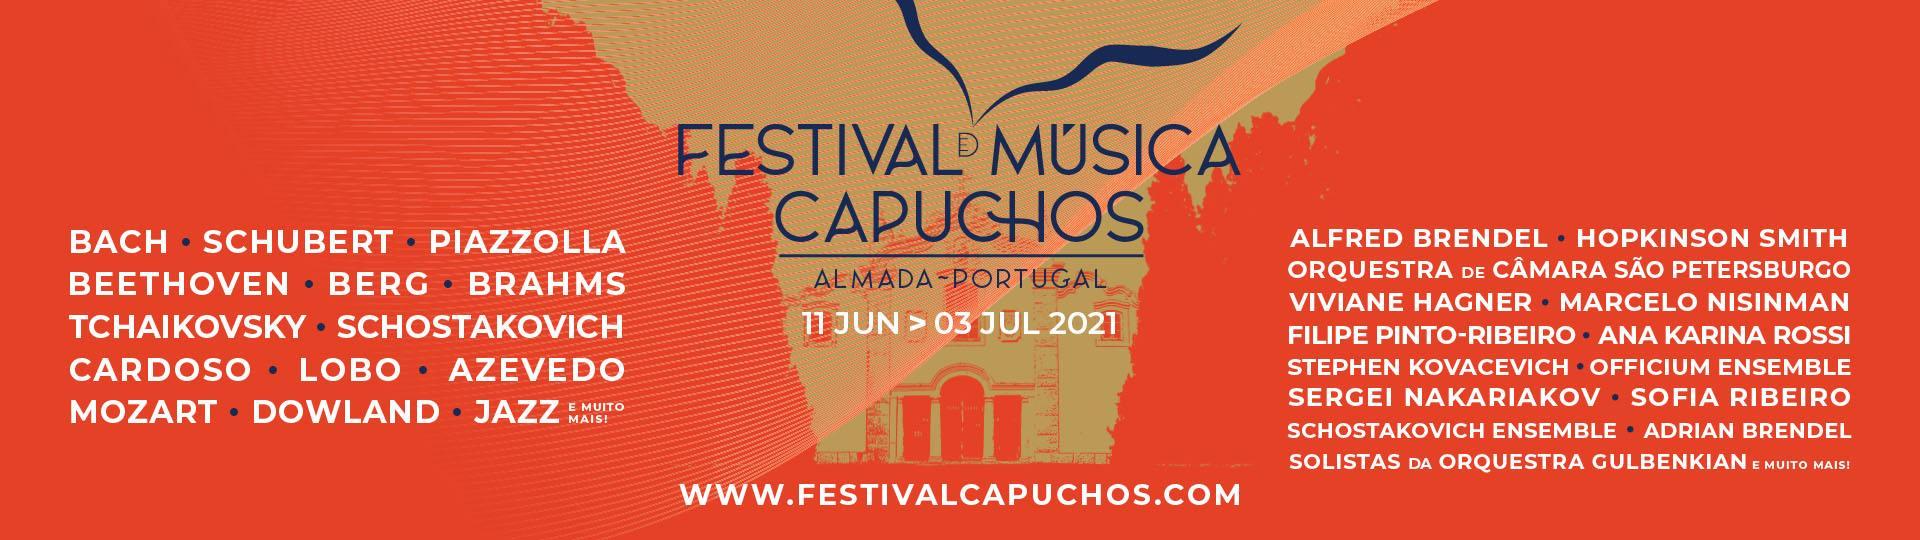 Festival Capuchos